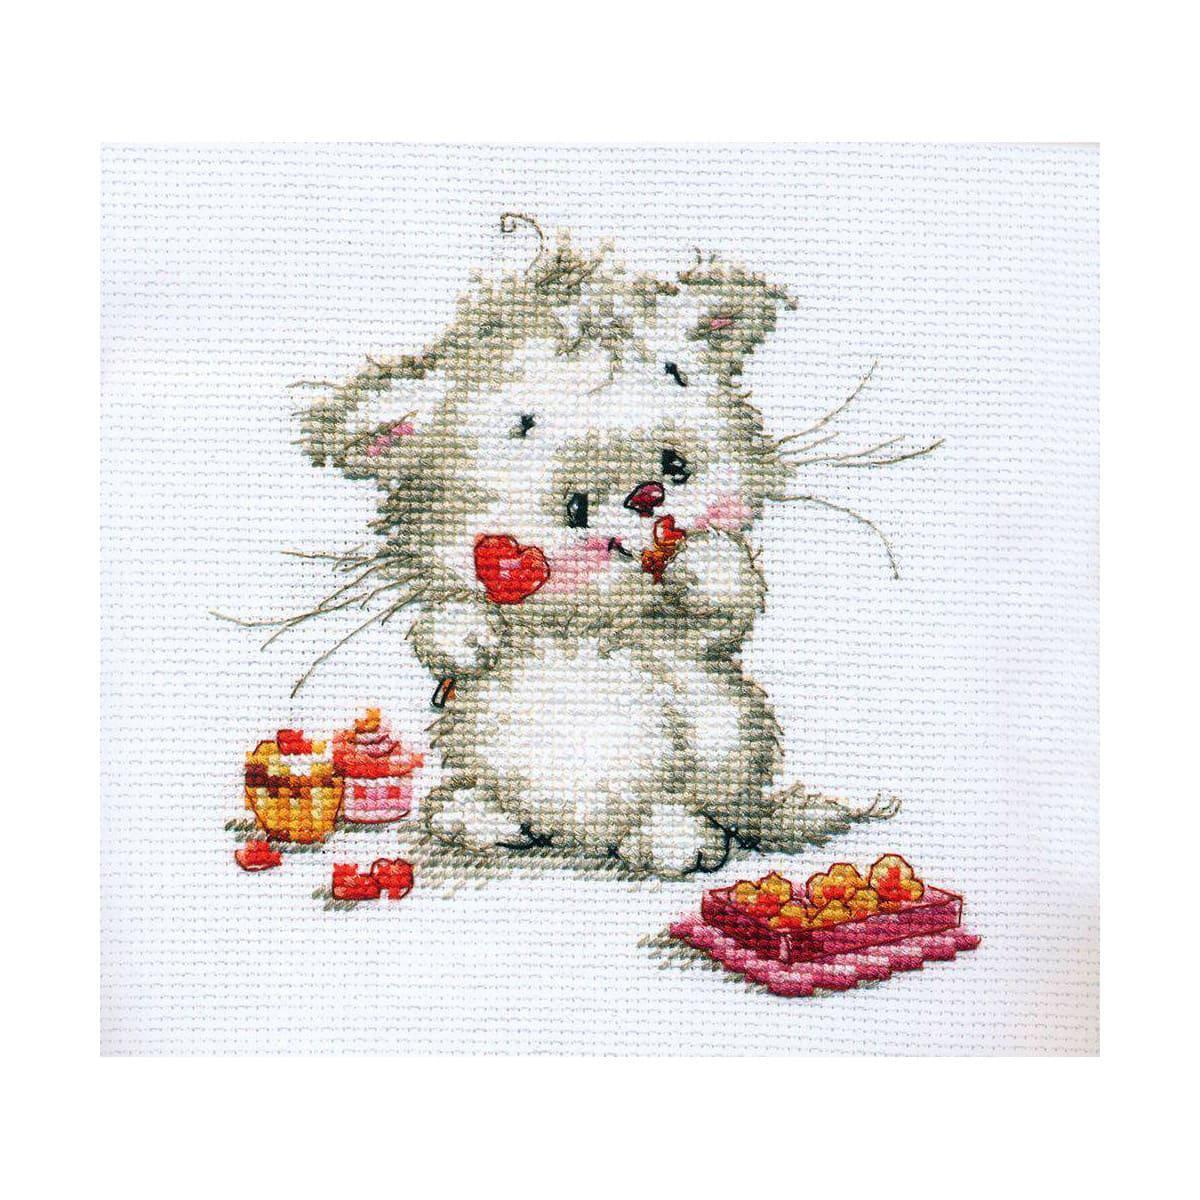 0-123 Набор для вышивания 'Алиса' 'Сладкая конфетка', 13*13 см